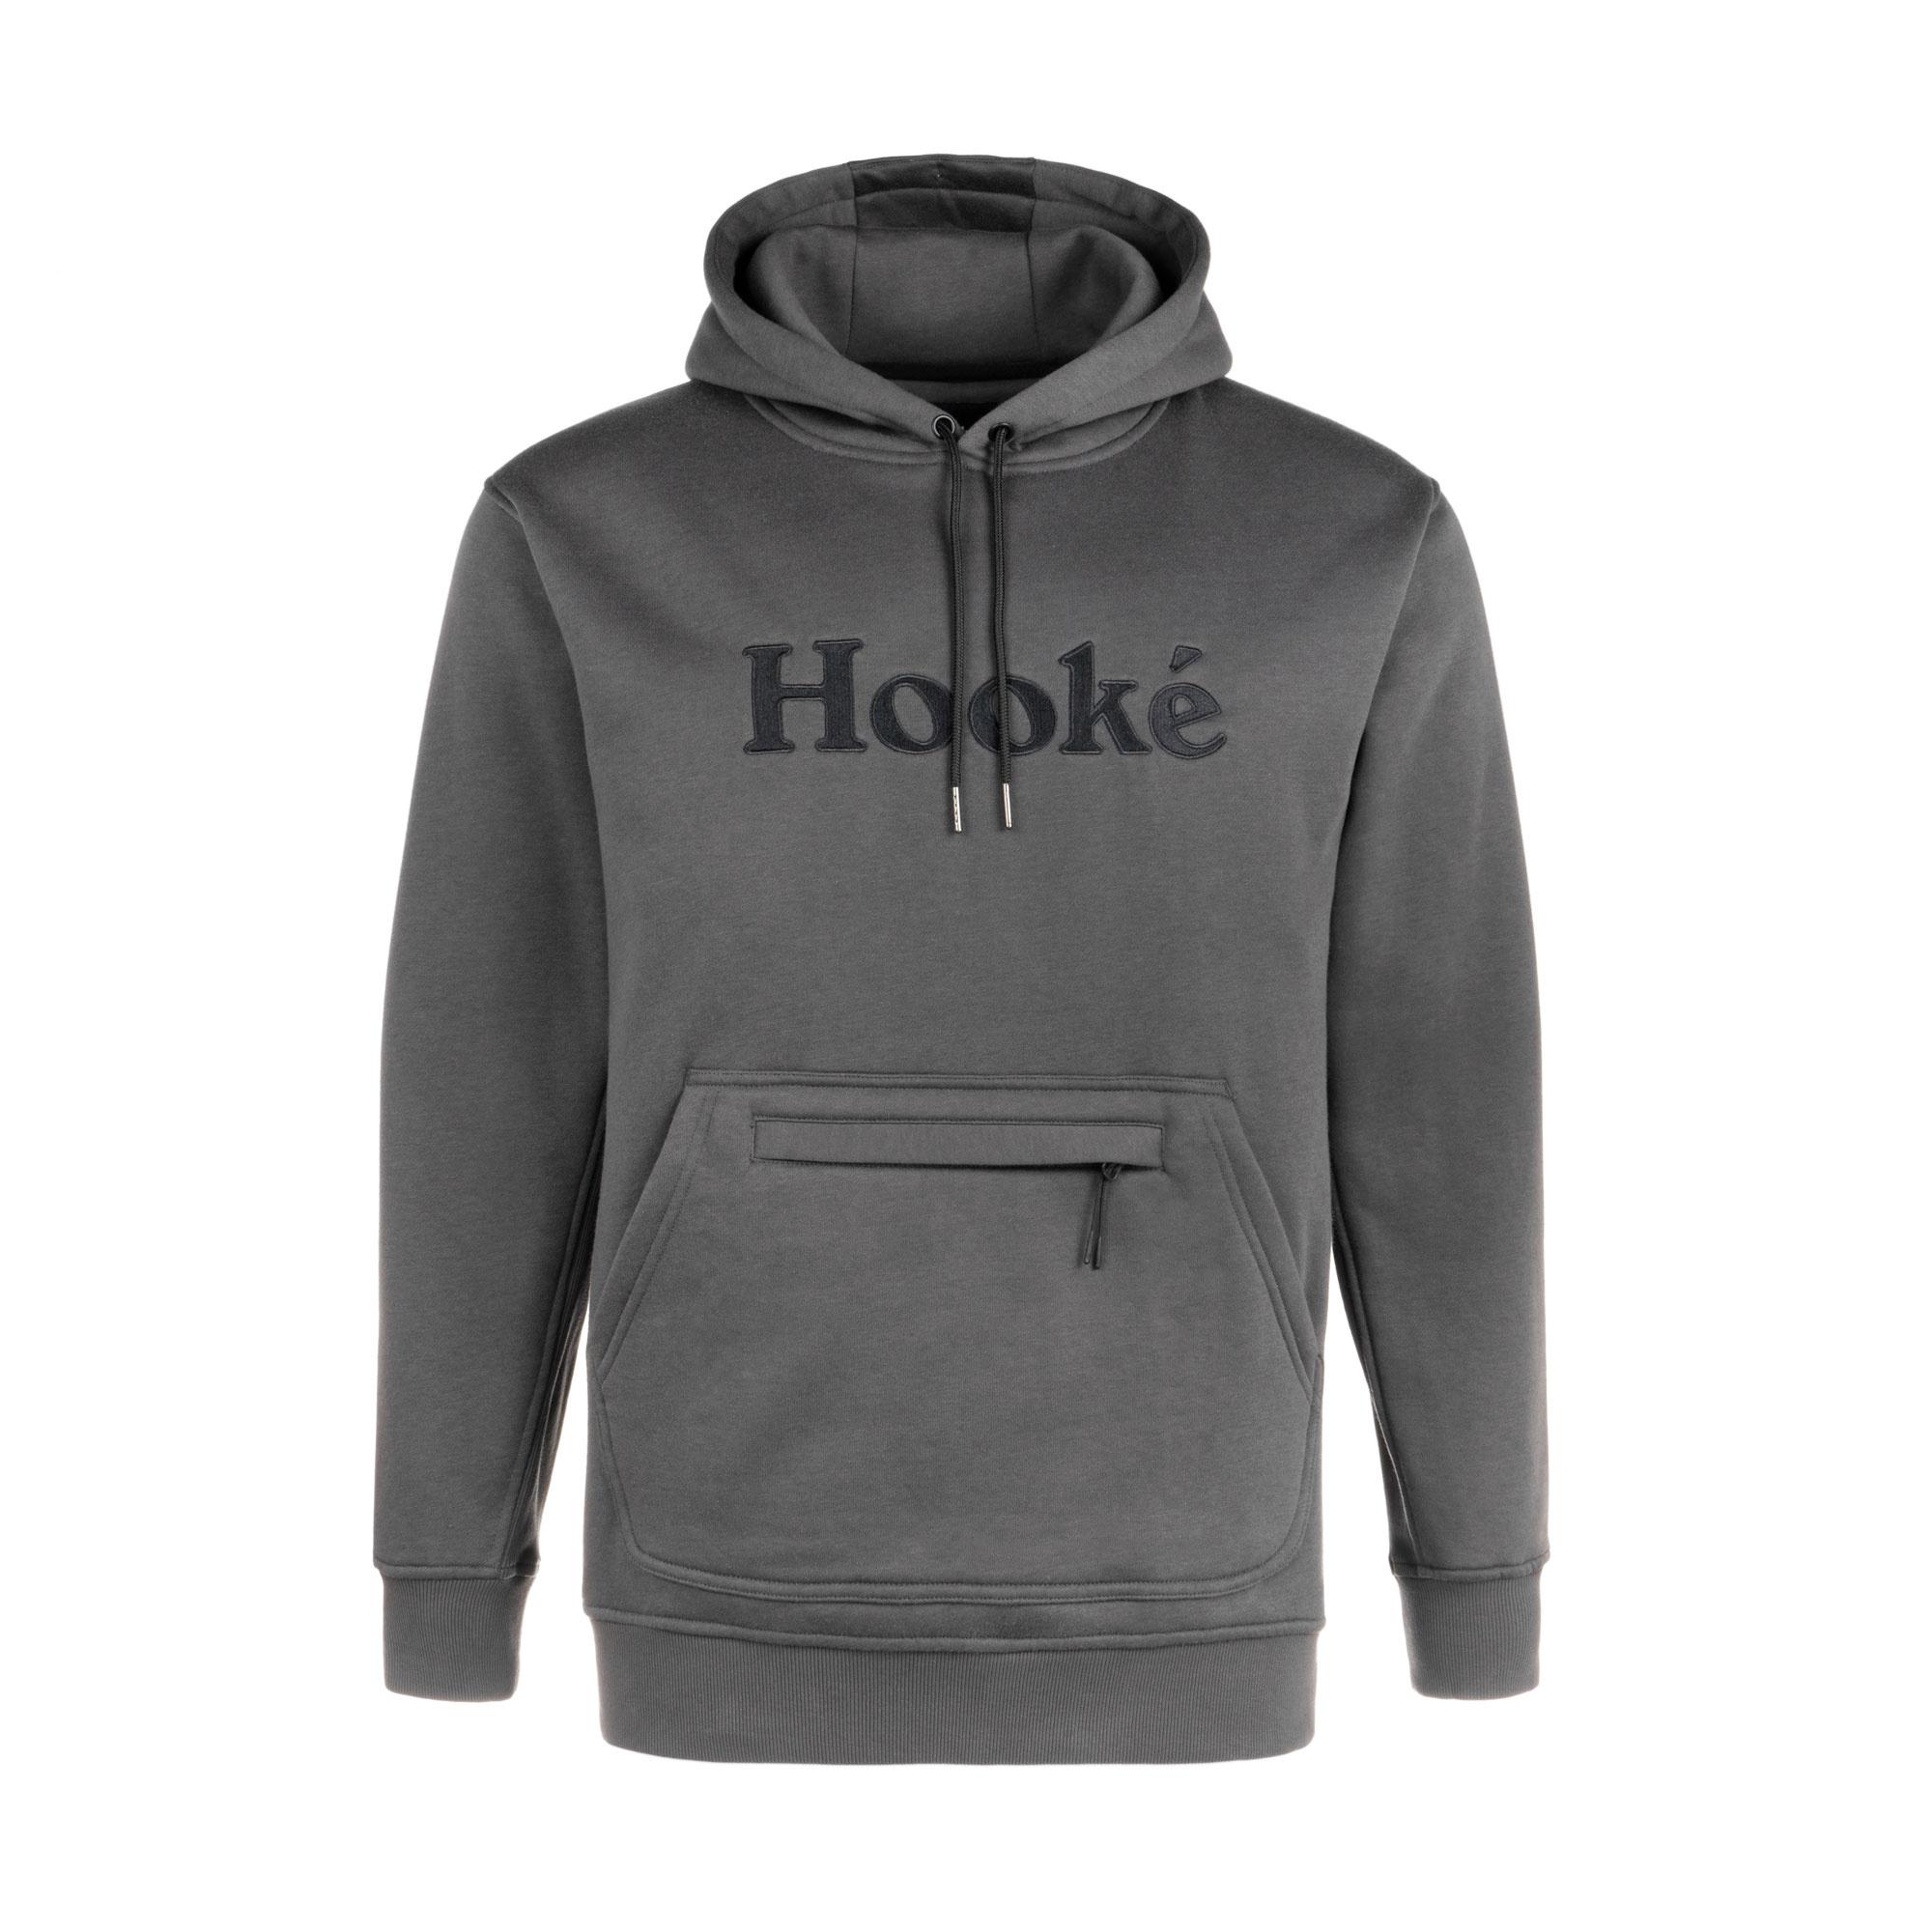 Original Hoodie Charcoal